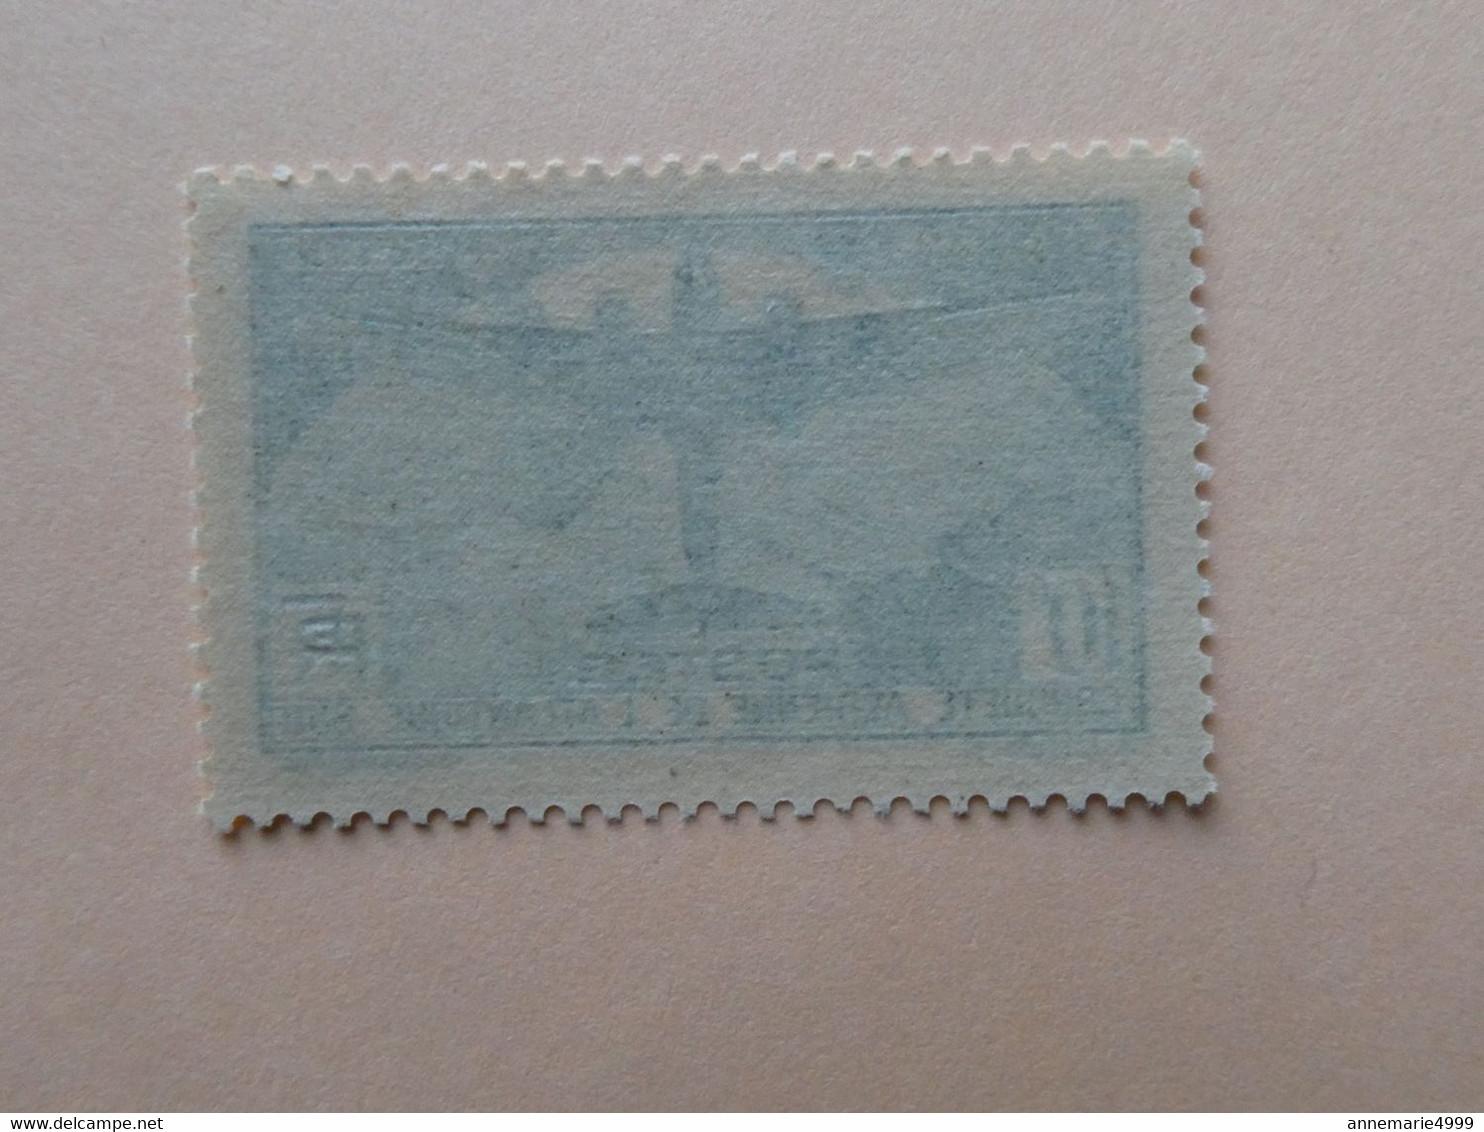 FRANCE 10 Francs TRAVERSEE DE L'ATLANTIQUE  N° 321 Neufs Sans Charnière Cote 800 € Voir Scans - Unused Stamps